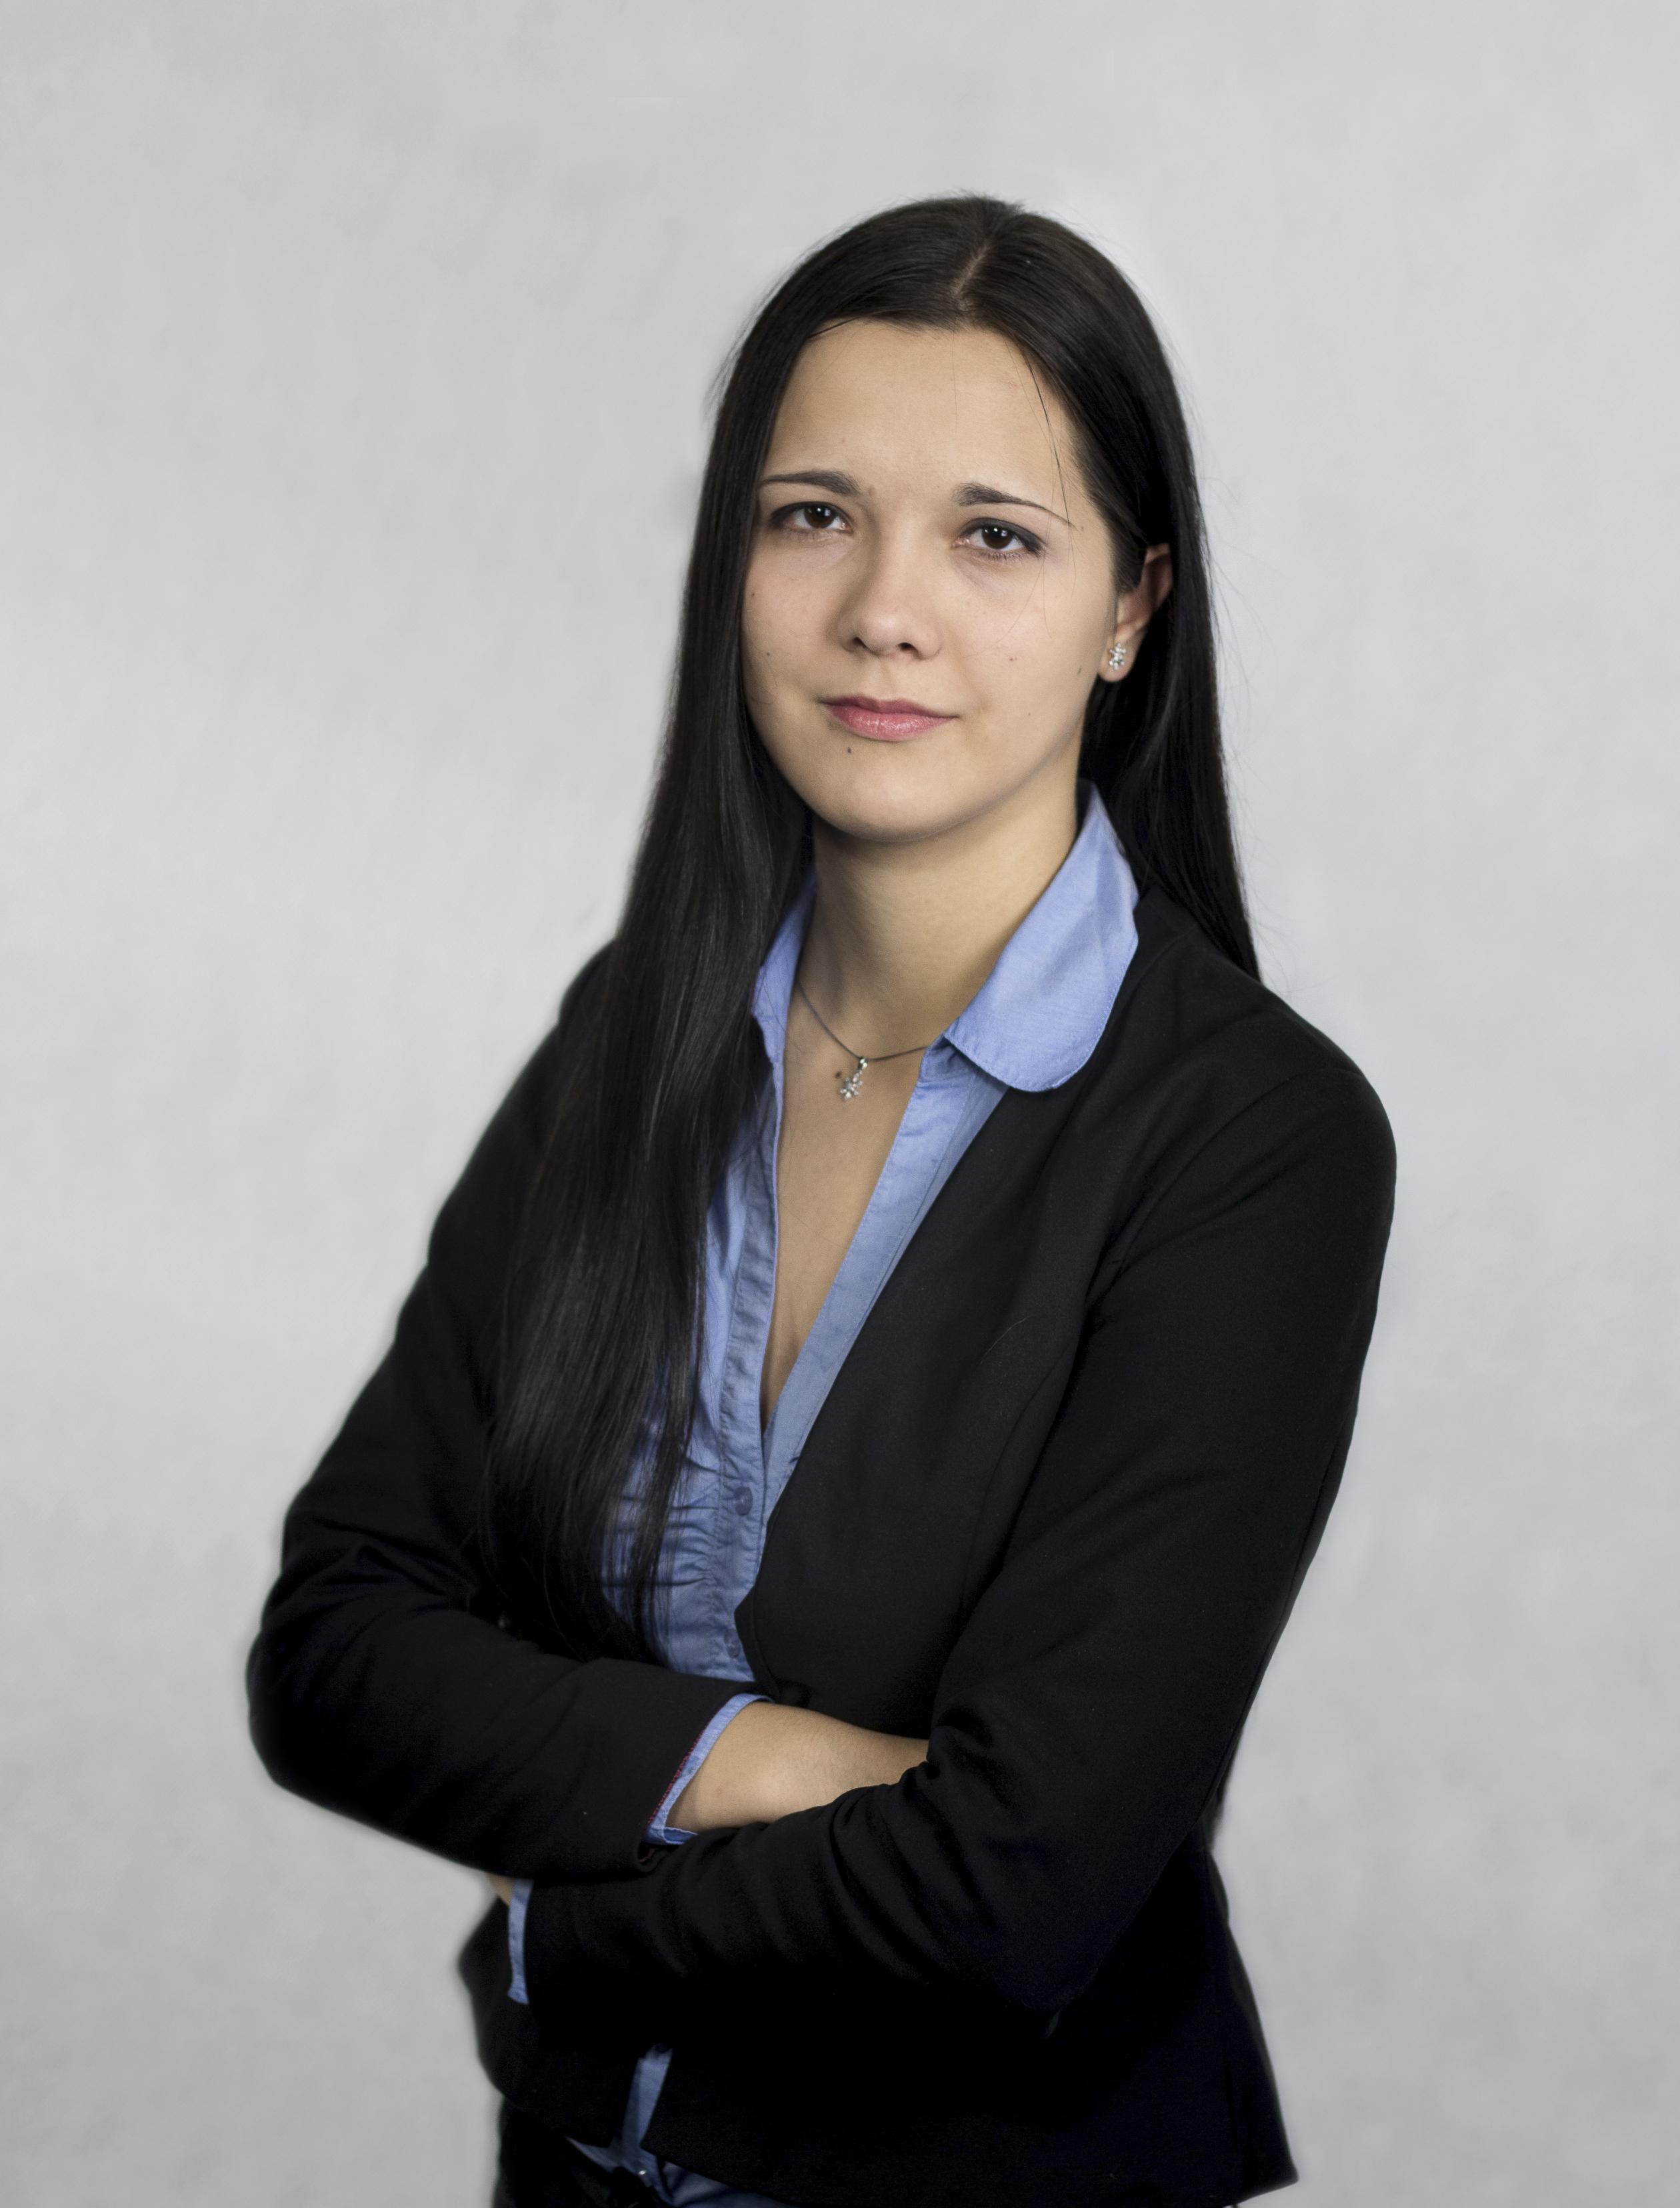 Alicja Drozd